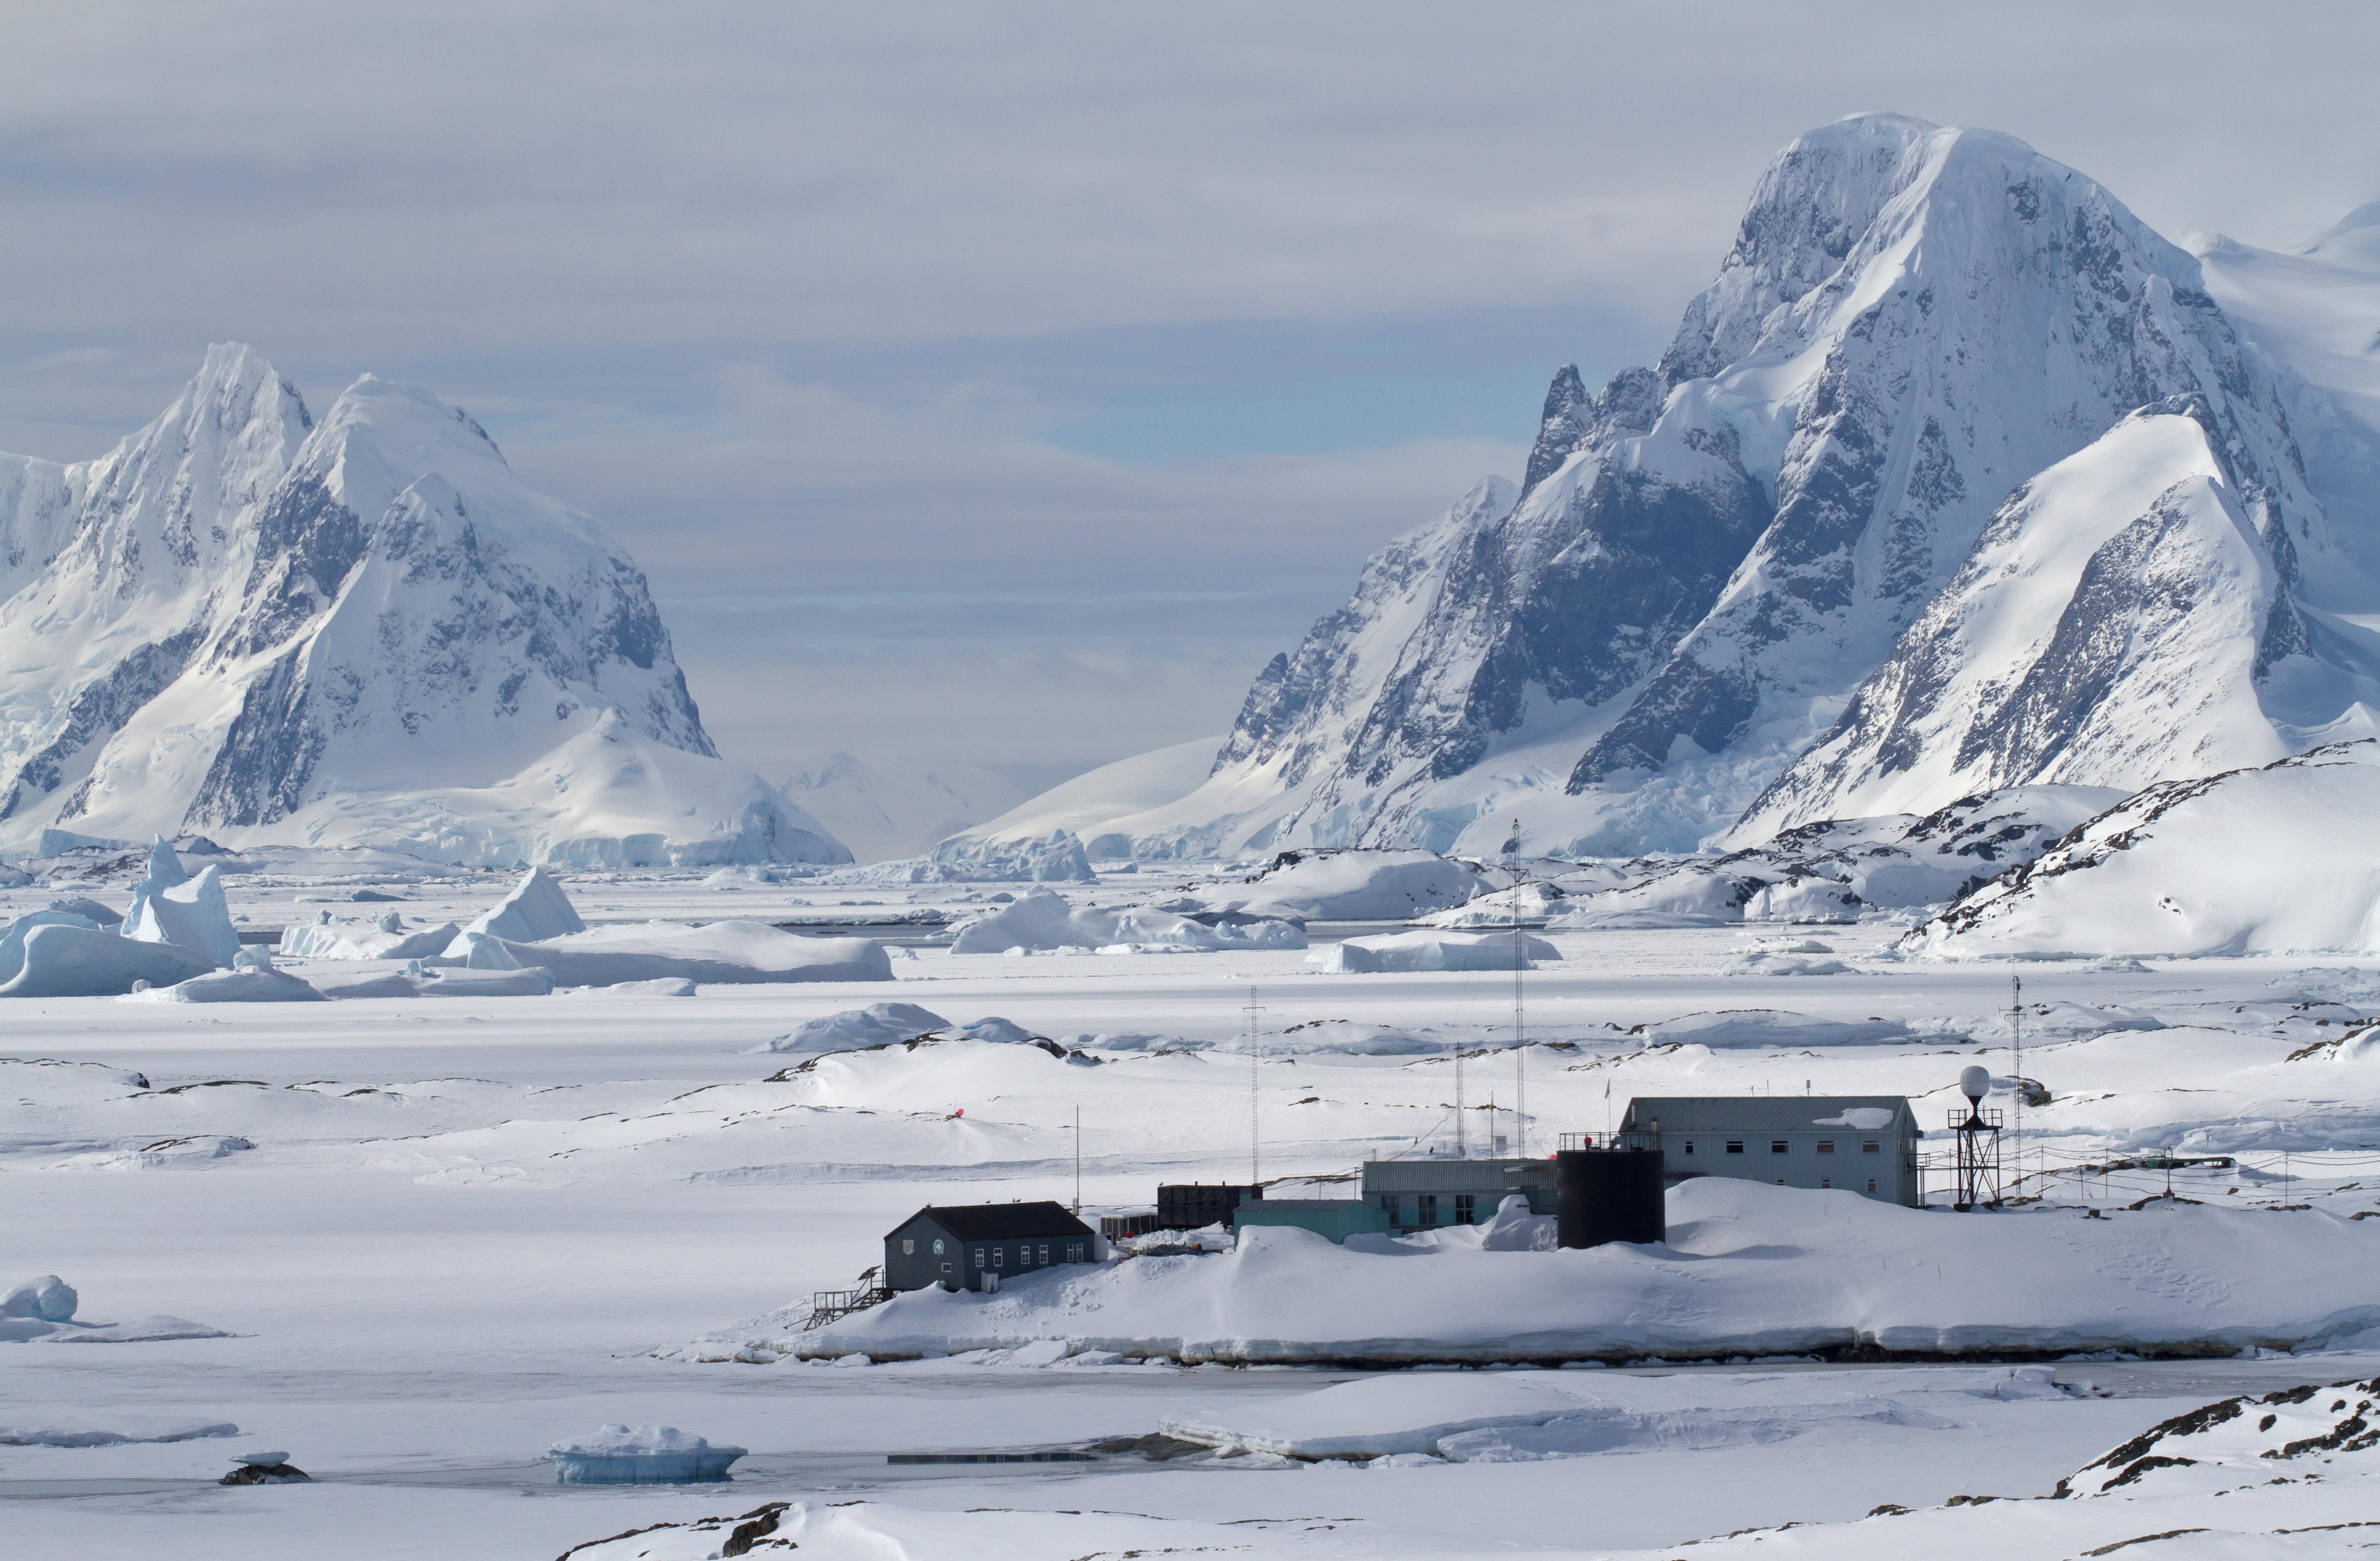 Научно исследовательская станция в Антарктиде, где работа доступна для иностранцев